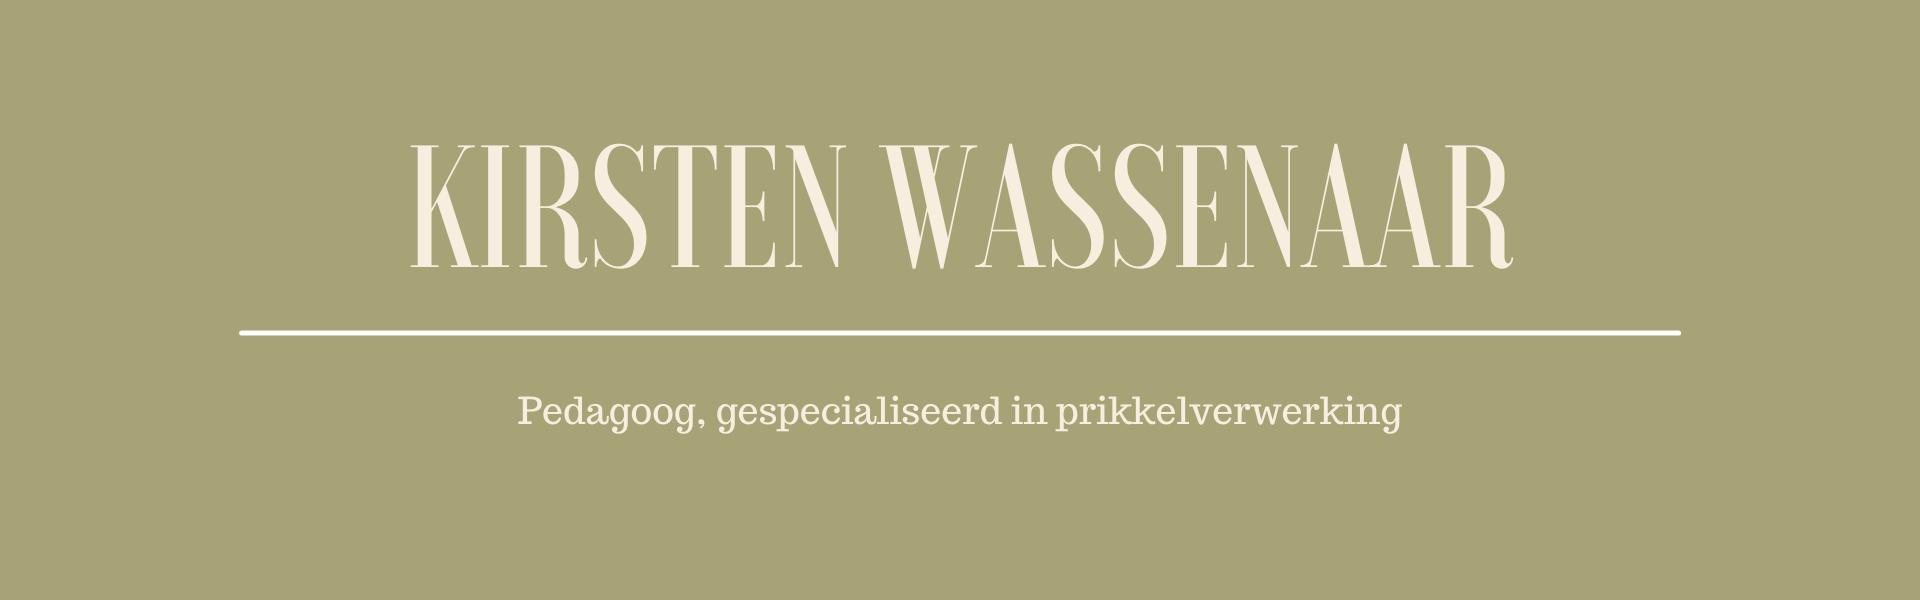 Kirsten Wassenaar